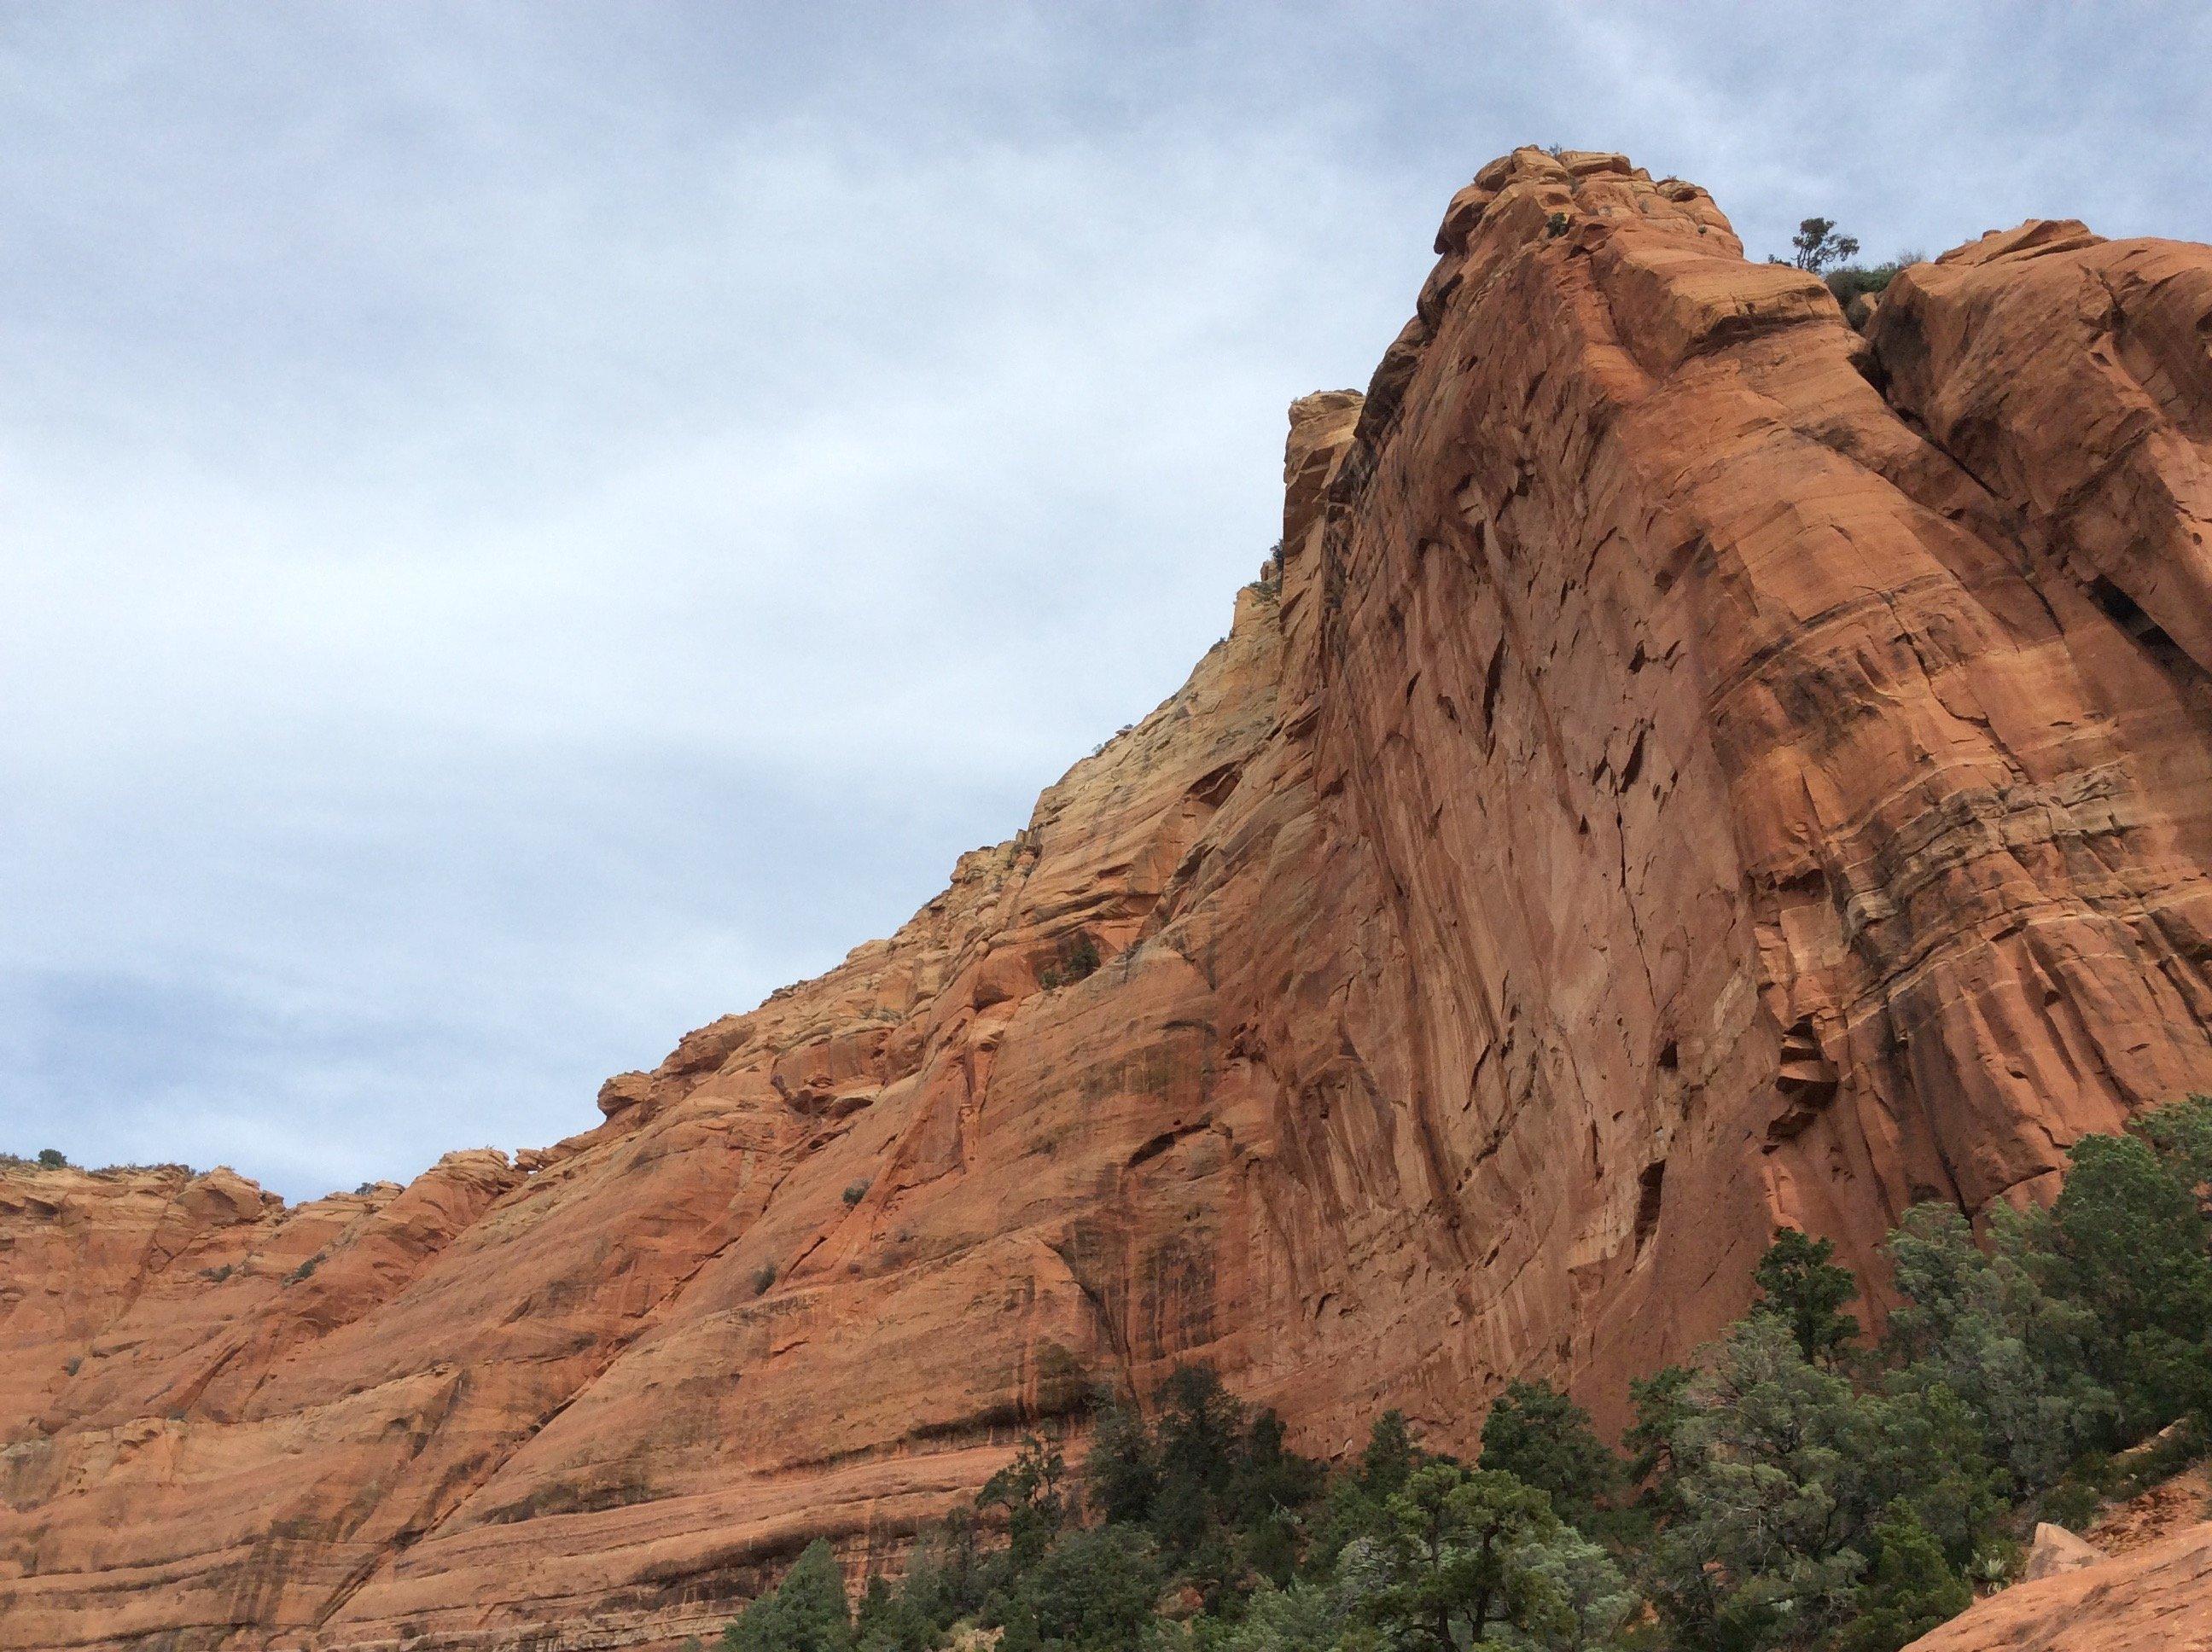 Photo from Hangover Trail, Sedona, AZ